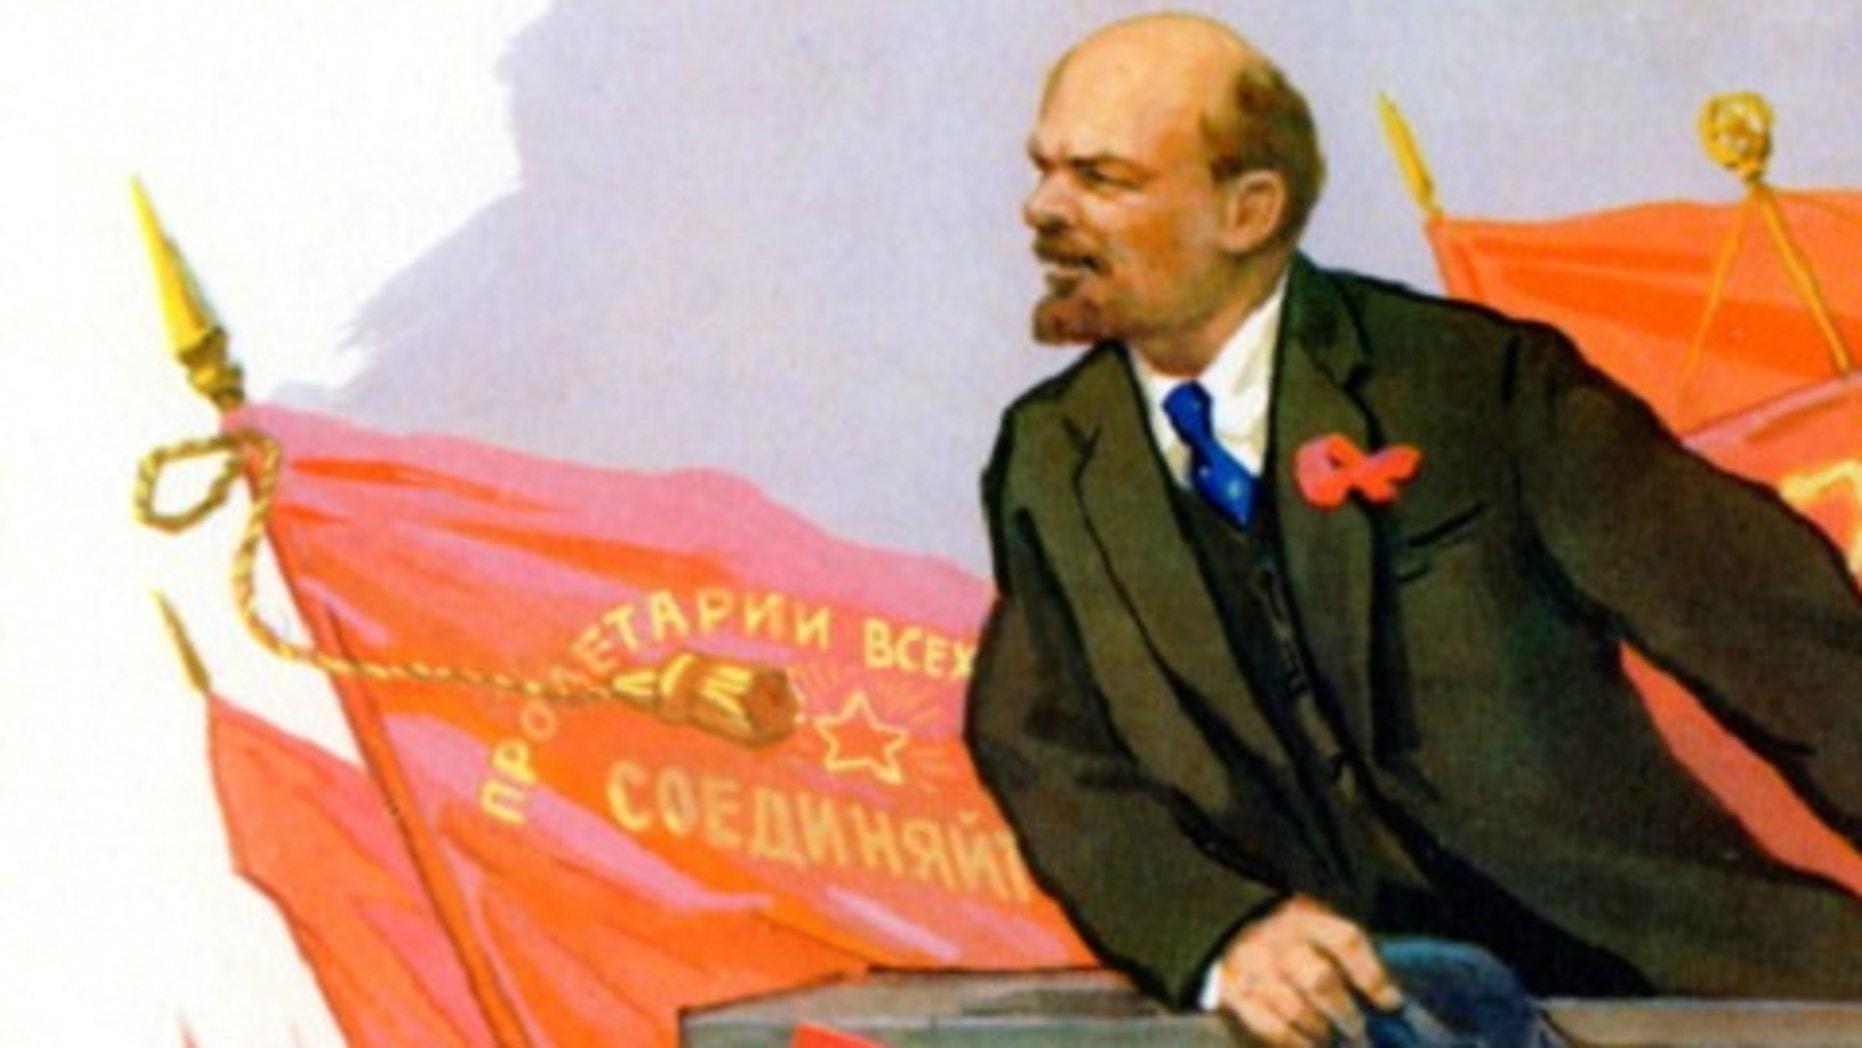 Lenin propaganda Getty Images/Culture Club